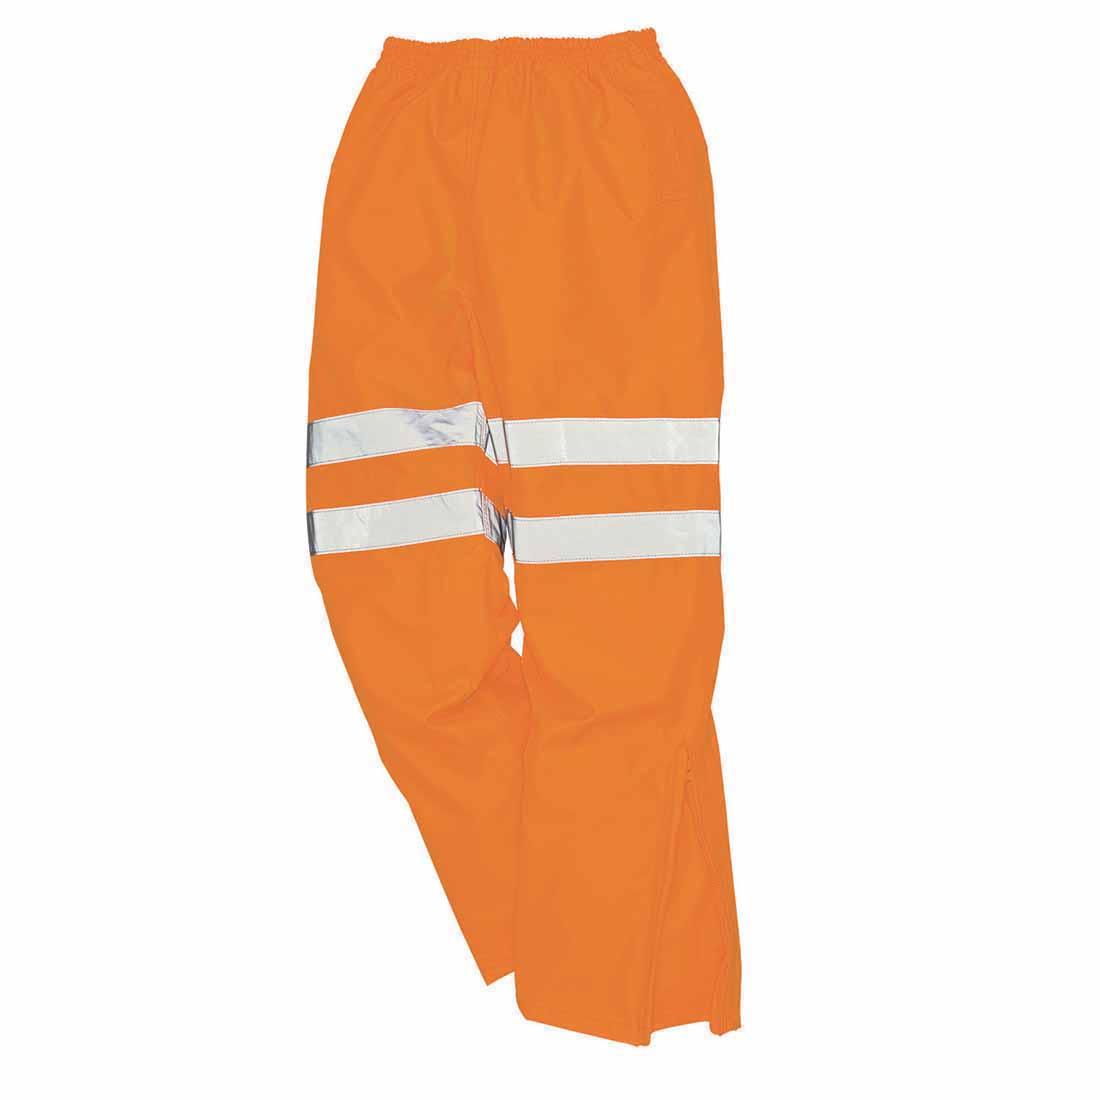 Portwest-Hi-Vis sécurité Workwear Workwear sécurité Respirant Rails Côté Pantalon 81bd89